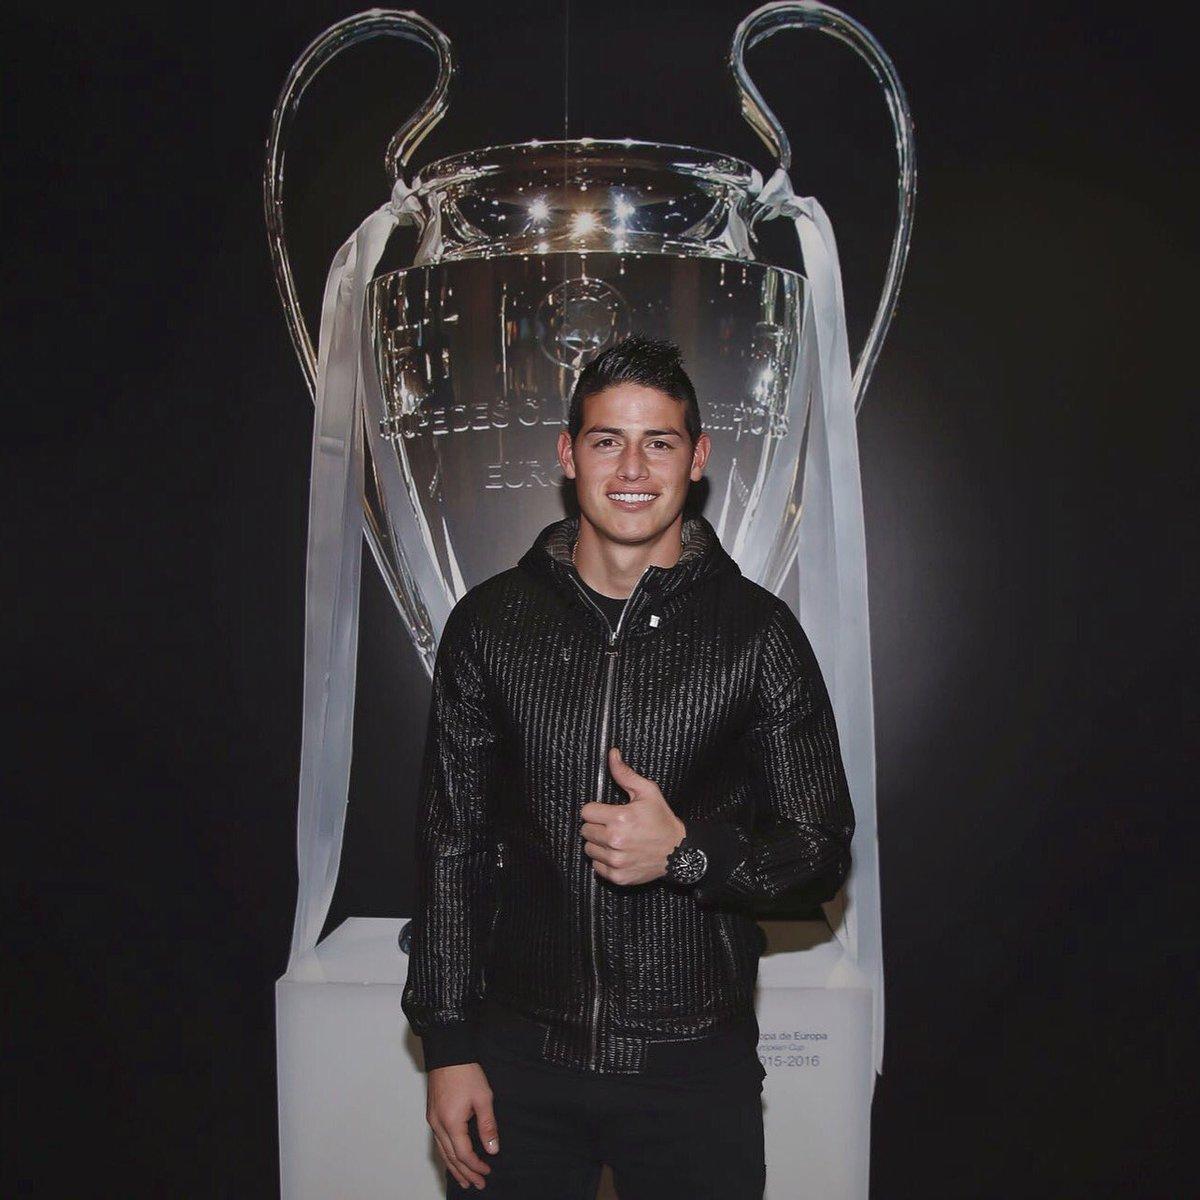 Mañana vuelve la Champions. https://t.co/7lnlGRLgQL